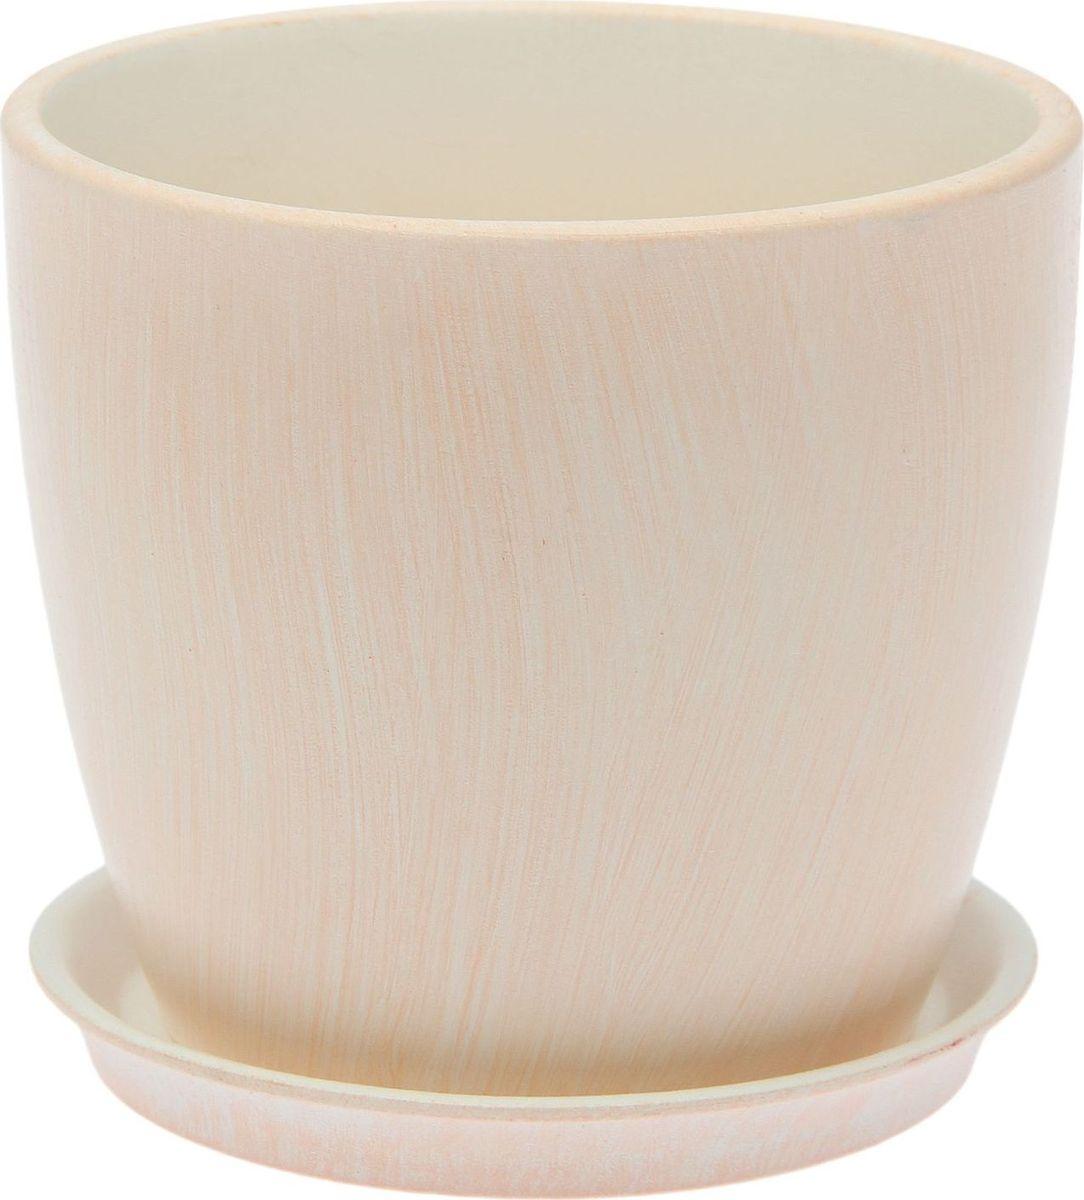 Кашпо Керамика ручной работы Осень. Патина, цвет: лососевый, 2 л1968883Комнатные растения — всеобщие любимцы. Они радуют глаз, насыщают помещение кислородом и украшают пространство. Каждому из них необходим свой удобный и красивый дом. Кашпо из керамики прекрасно подходят для высадки растений: за счёт пластичности глины и разных способов обработки существует великое множество форм и дизайновпористый материал позволяет испаряться лишней влагевоздух, необходимый для дыхания корней, проникает сквозь керамические стенки! #name# позаботится о зелёном питомце, освежит интерьер и подчеркнёт его стиль.